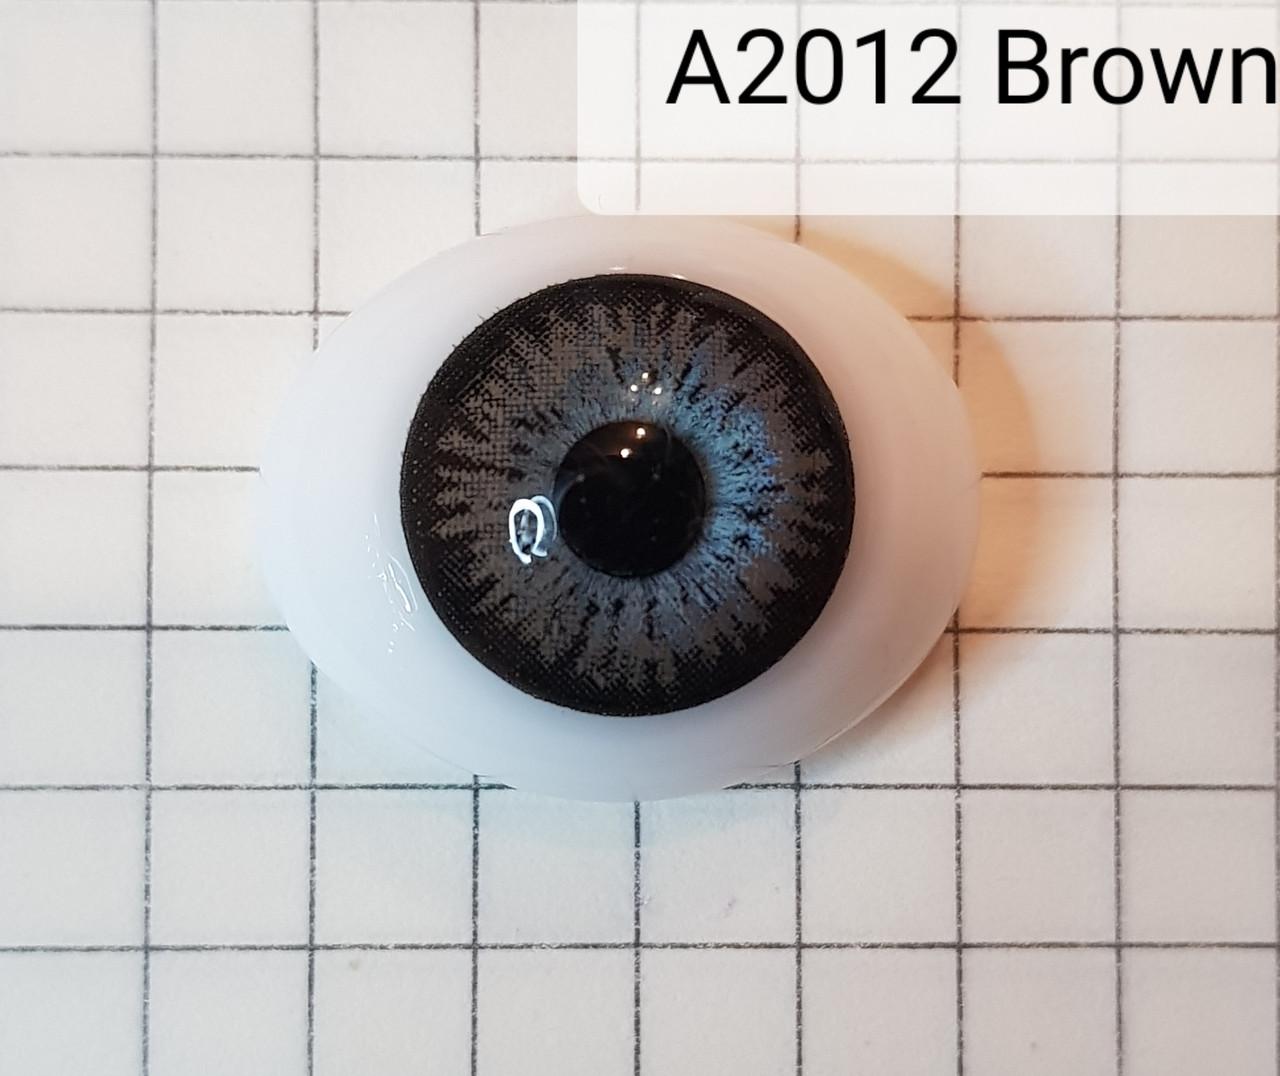 Контактные линзы A2012 Brown -4.50 - фото 3